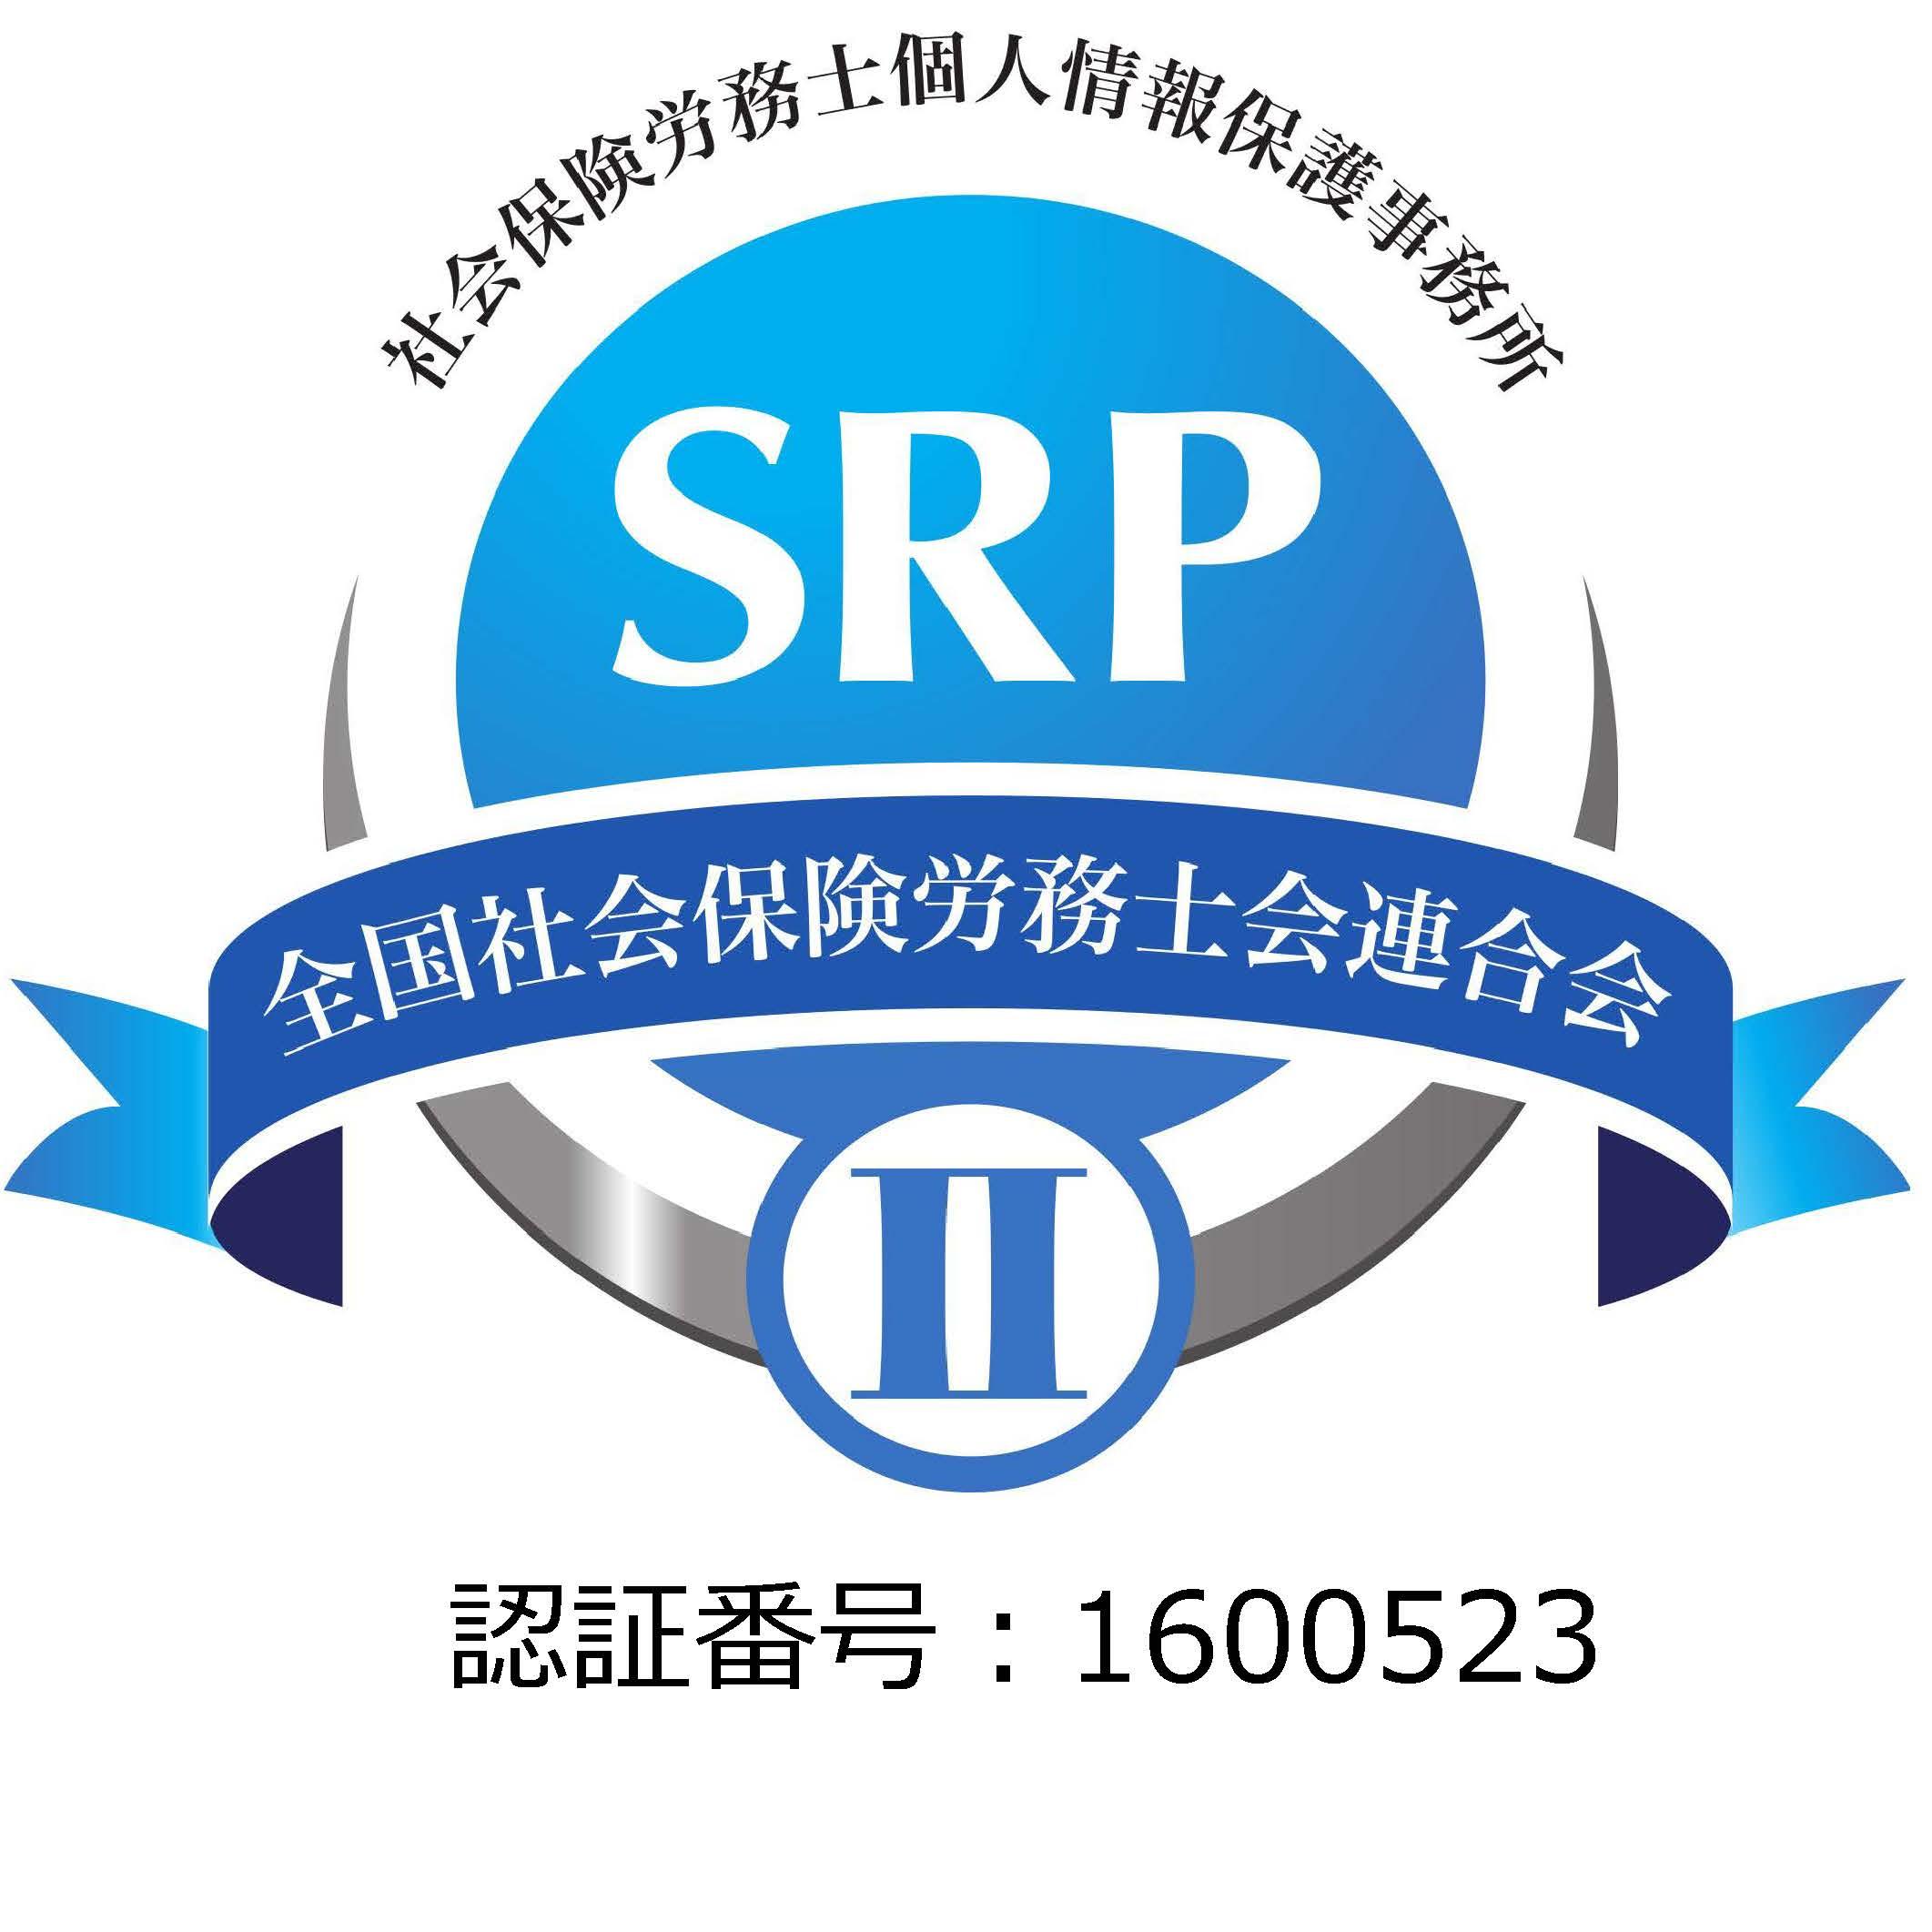 社会保険労務士個人情報保護事務所 SRPⅡ